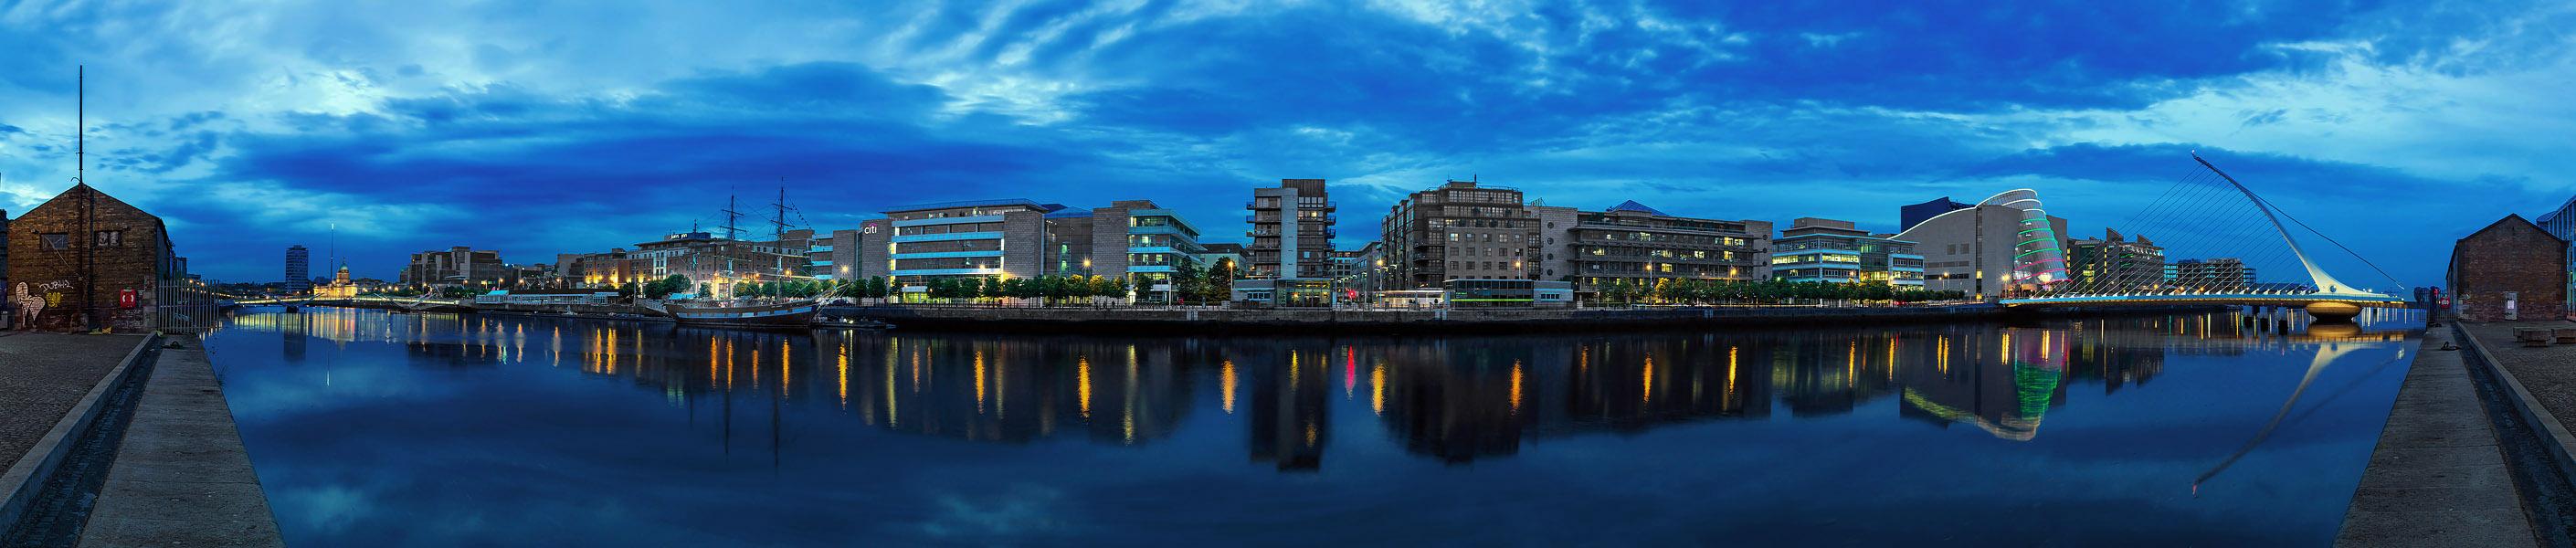 Dublin_Riverside_k